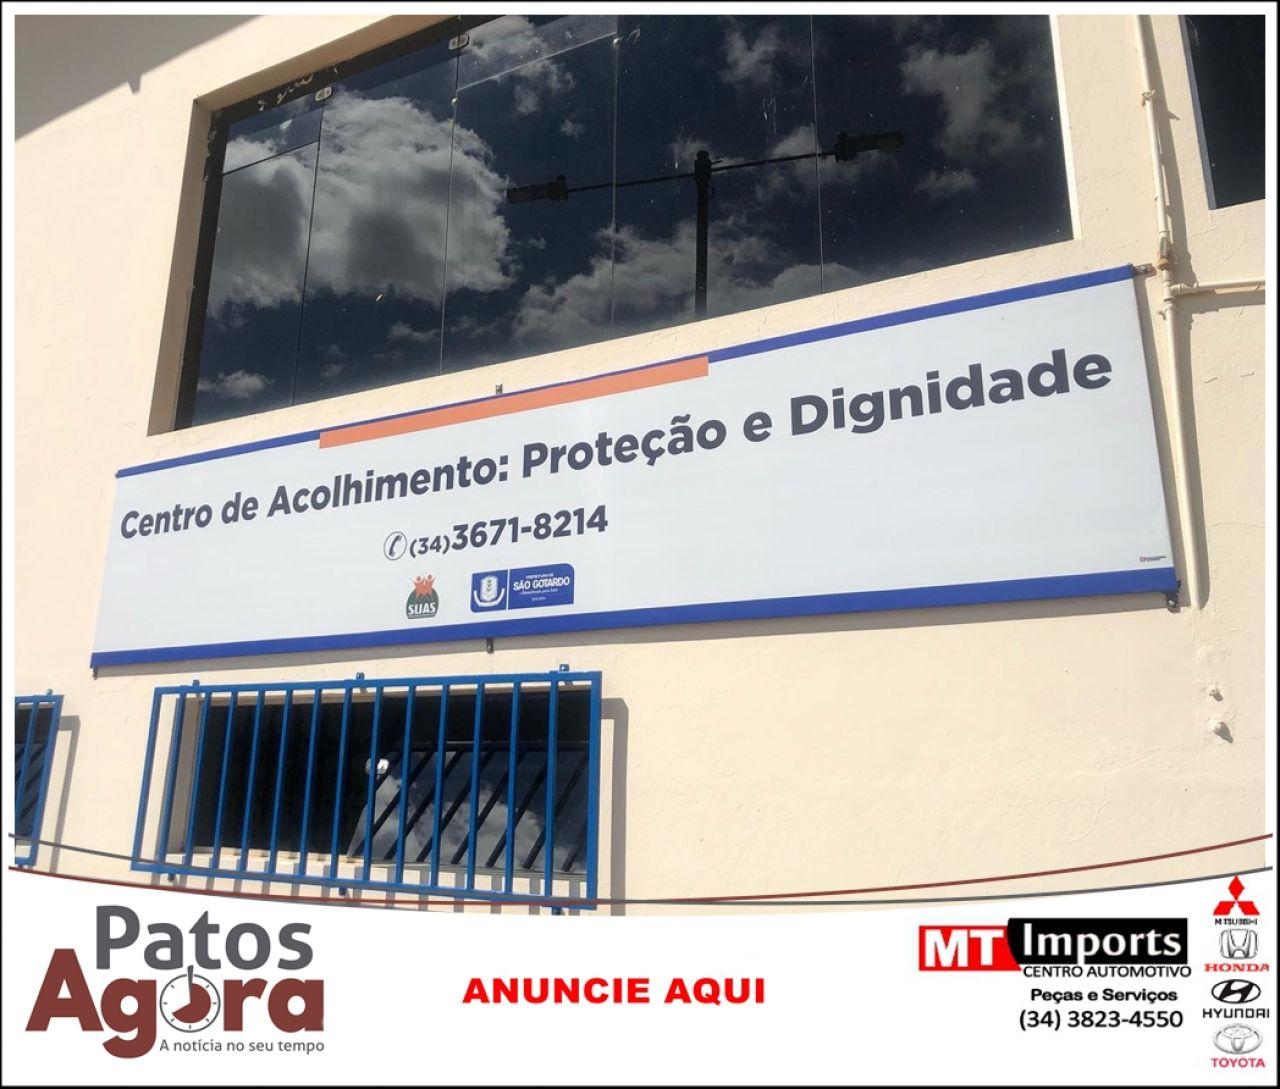 Prefeitura de São Gotardo inaugura Centro de Acolhimento: Proteção e Dignidade